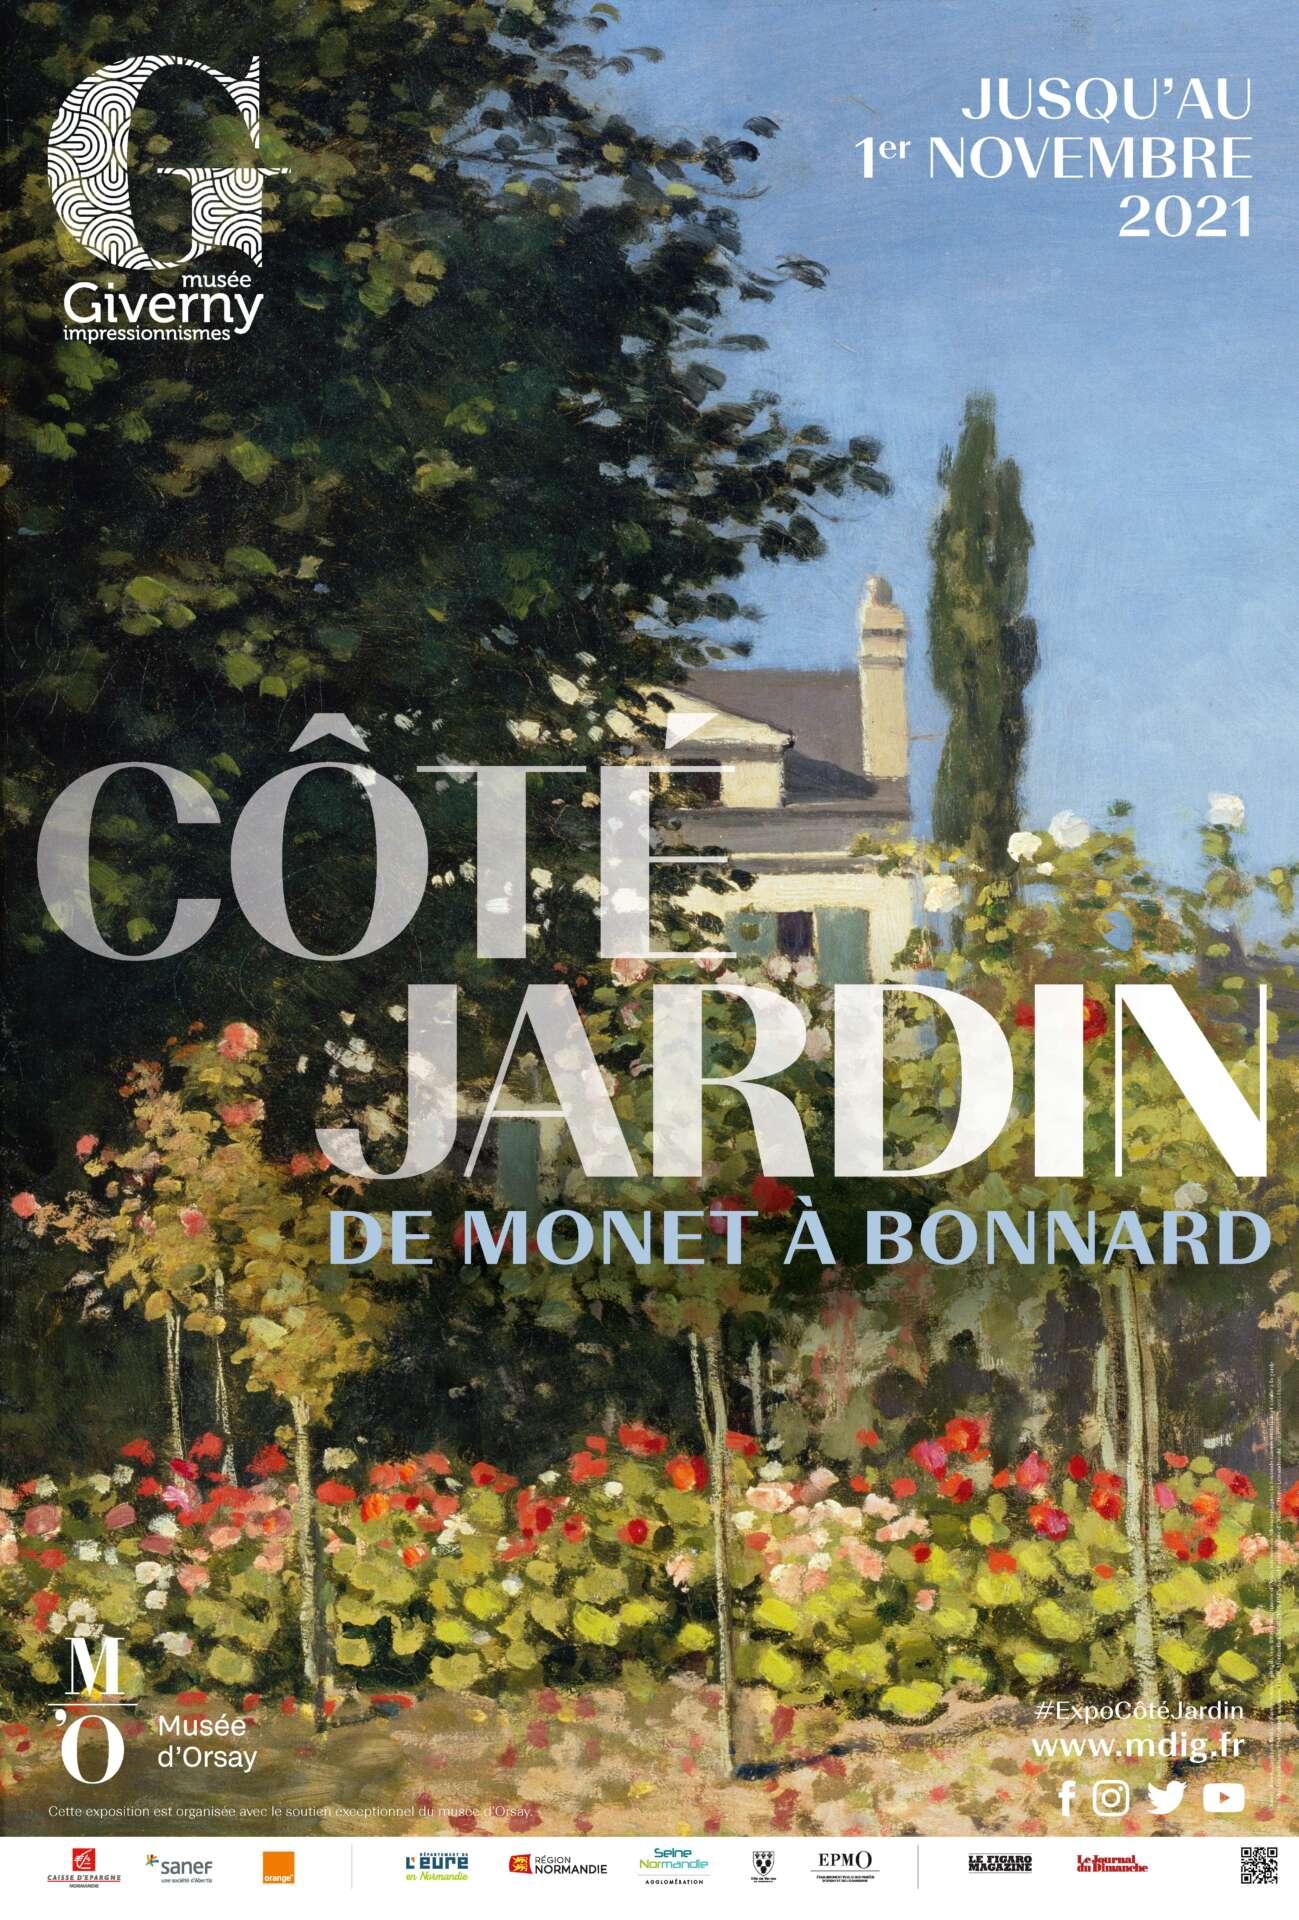 Côté jardin, de Monet à Bonnard, affiche de l'exposition au Musée des Impressionnismes Giverny